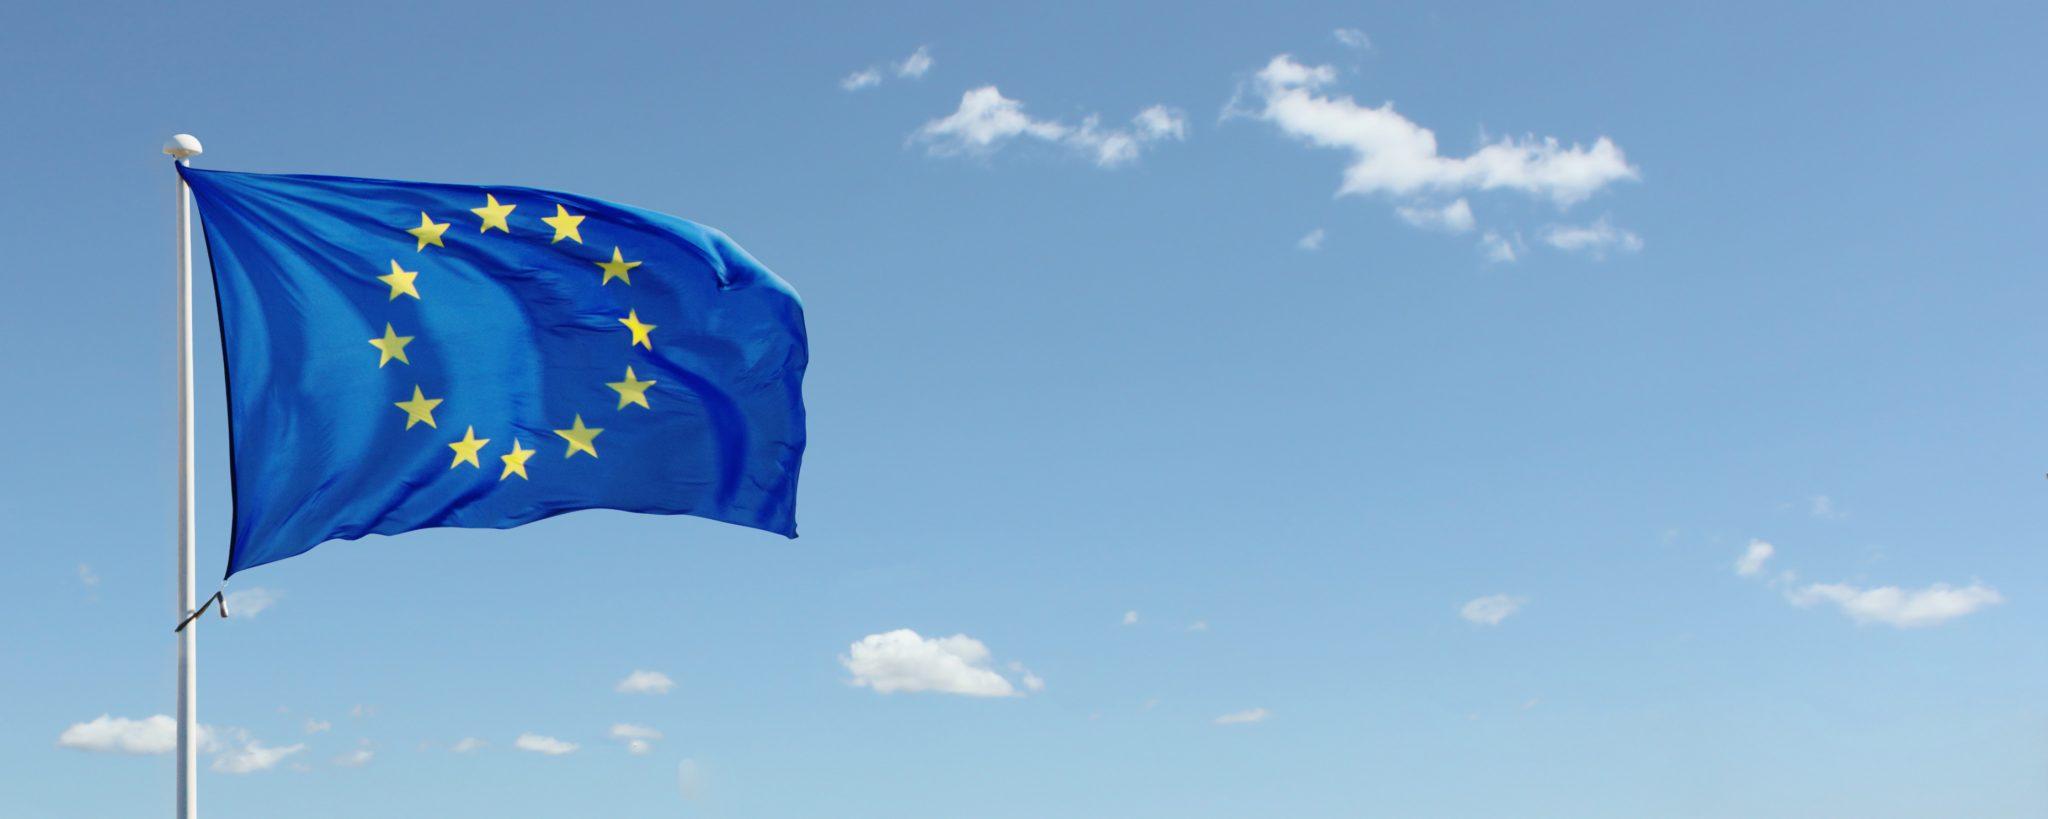 Eine Europaflagge vor leicht bewölktem Himmel.